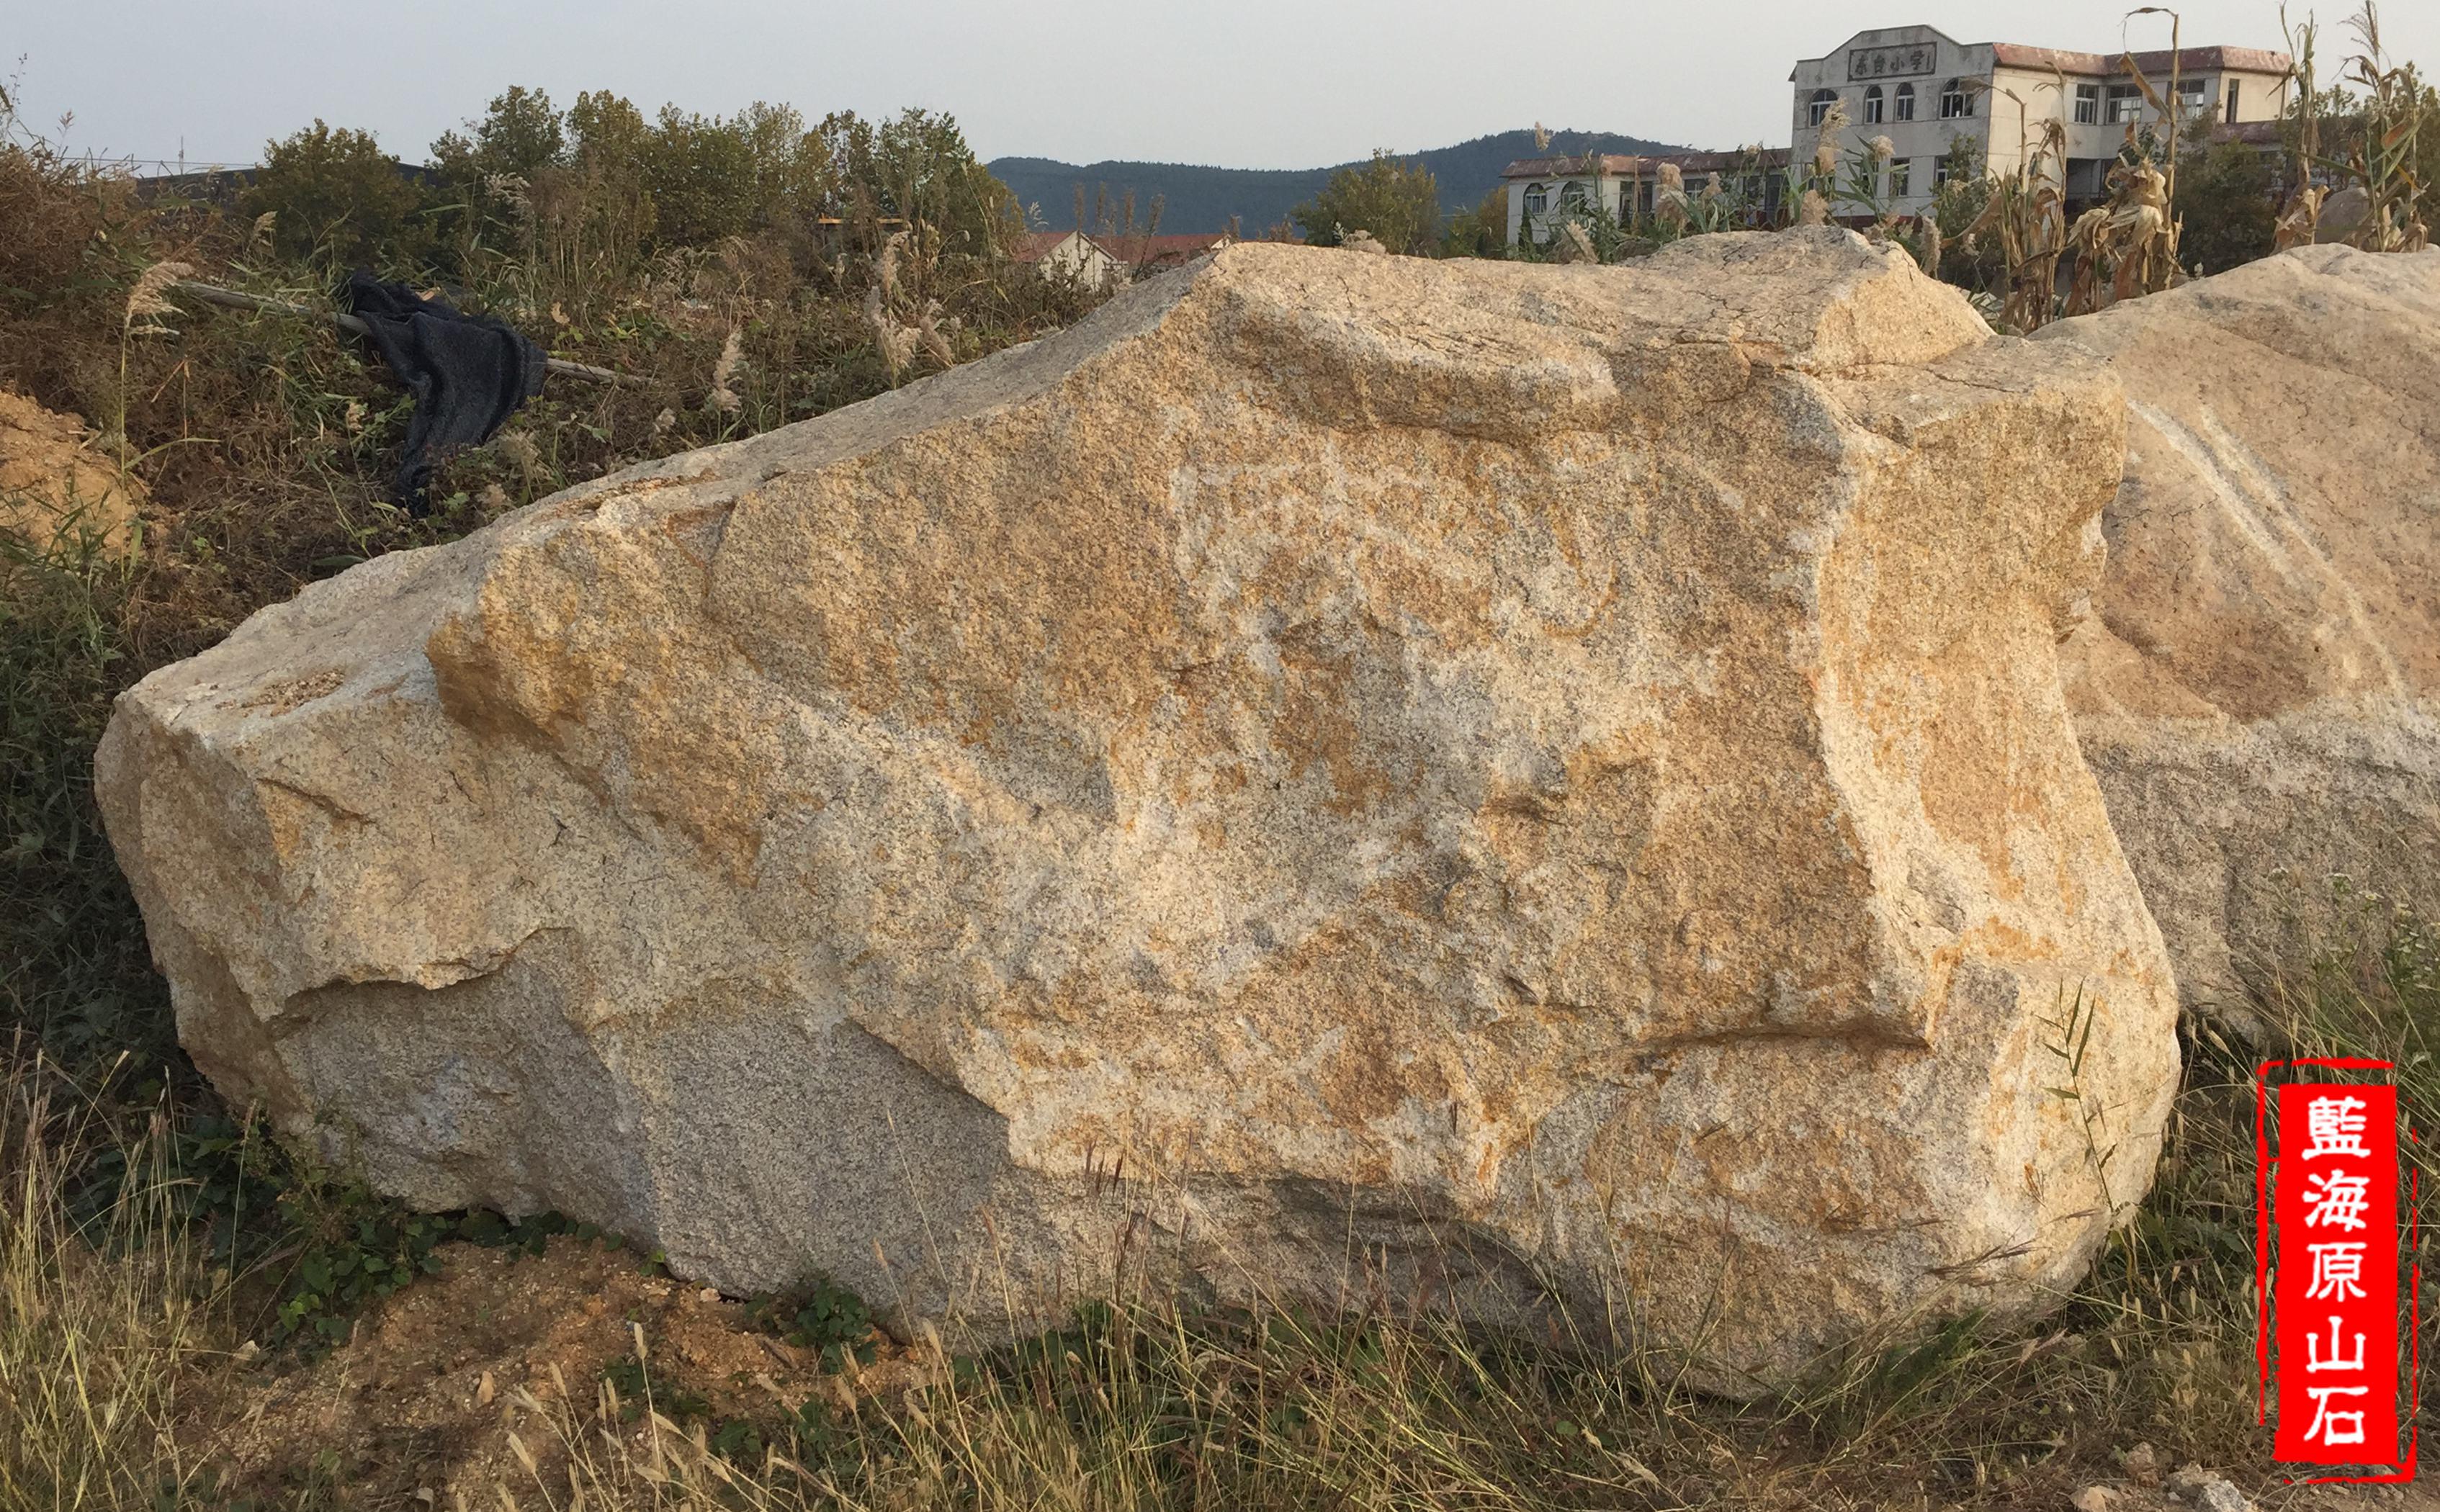 崂山石销售ls-0115 - 青岛即墨石头刻字|石碑刻字|石